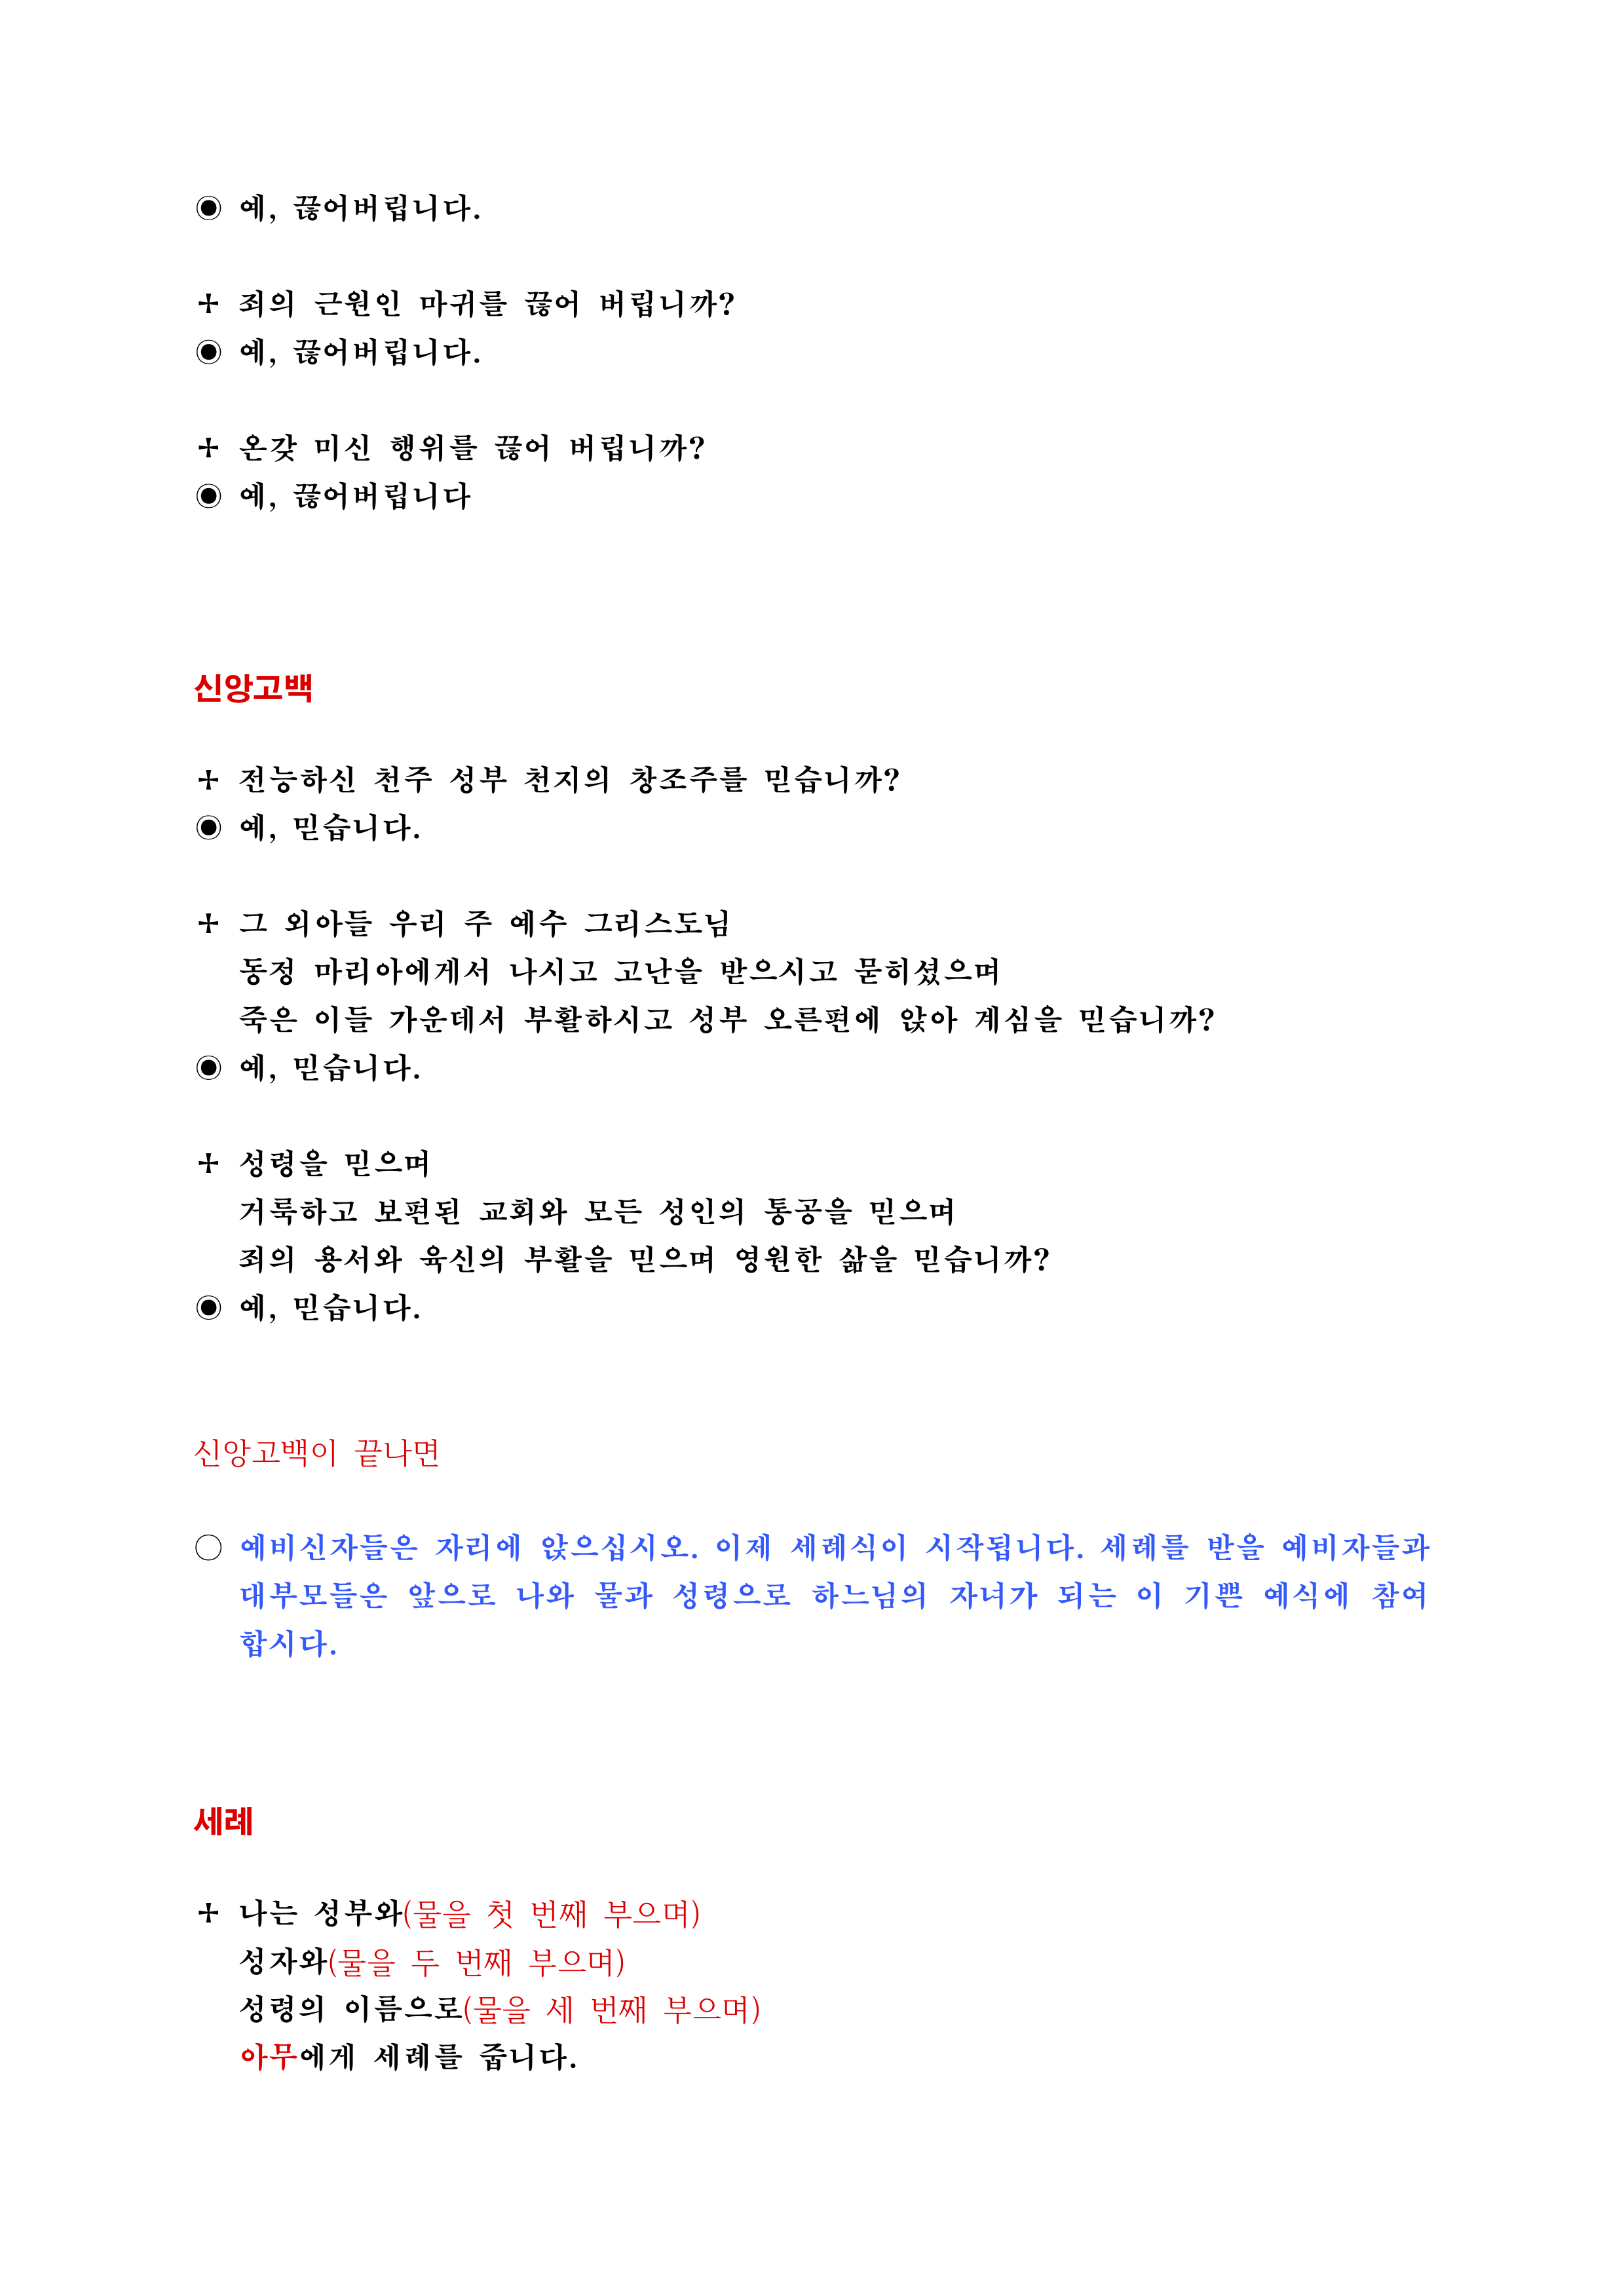 어른 입교 예식(괴정성당용-해설)3.jpg